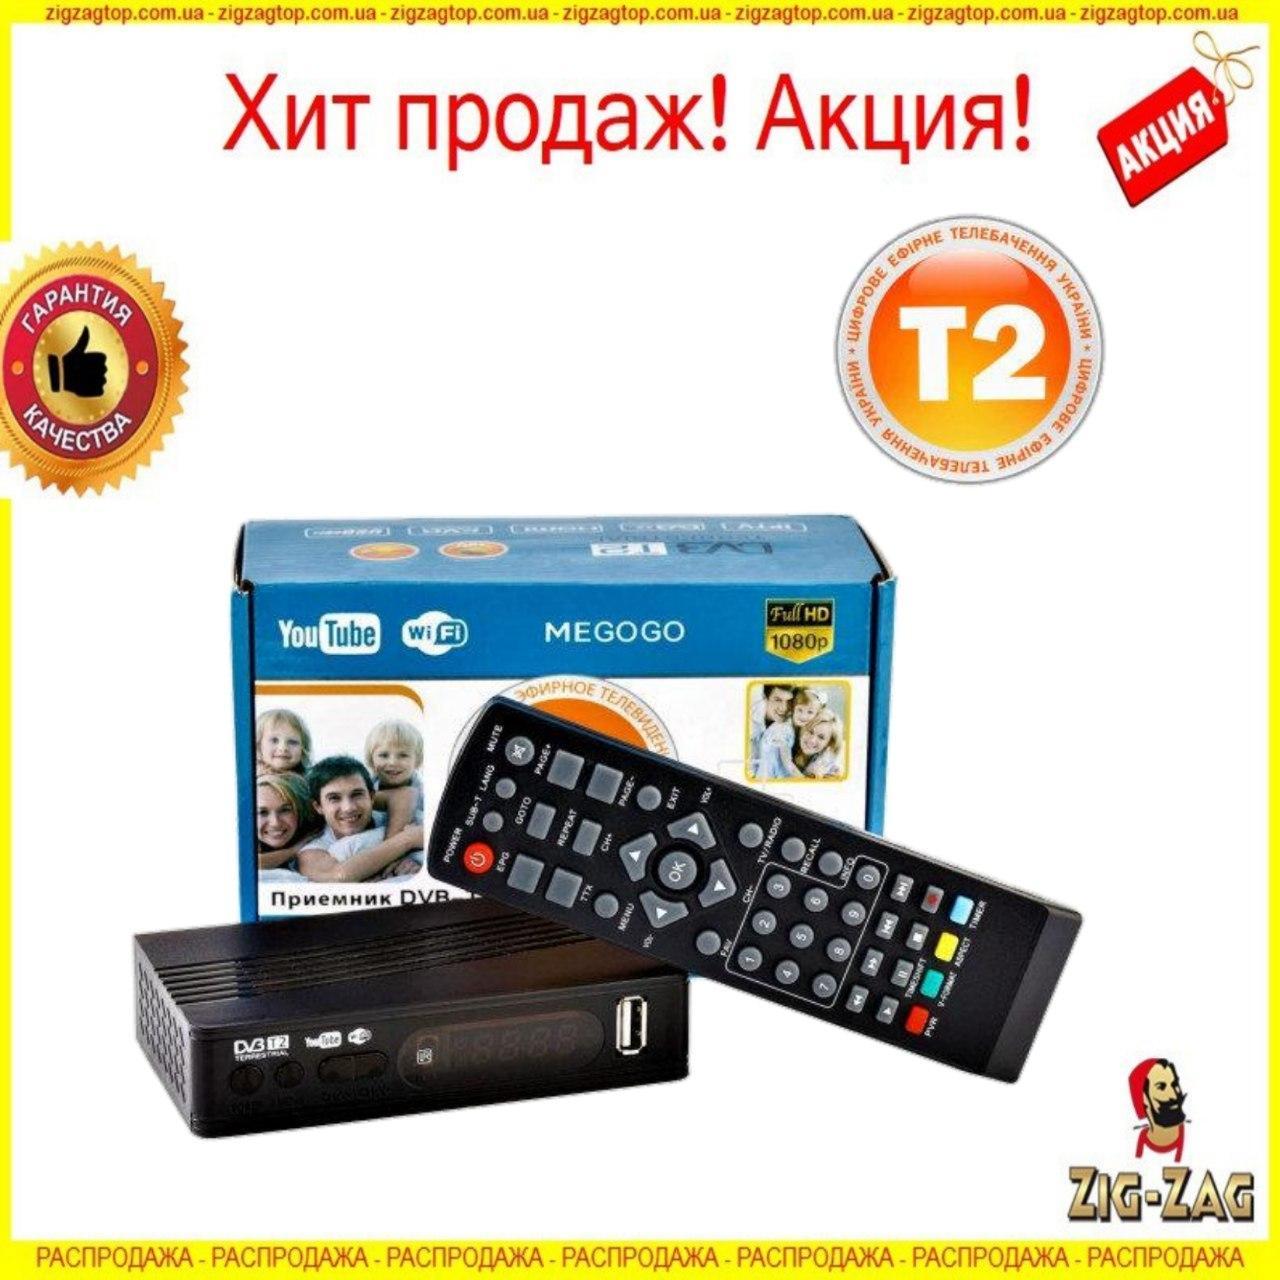 Тюнер T2 MG811 приставка 12В з переглядом YouTube IPTV WiFi HDMI USB MEGOGO Т2 ютуб 400 каналів + ПУЛЬТ NEW!